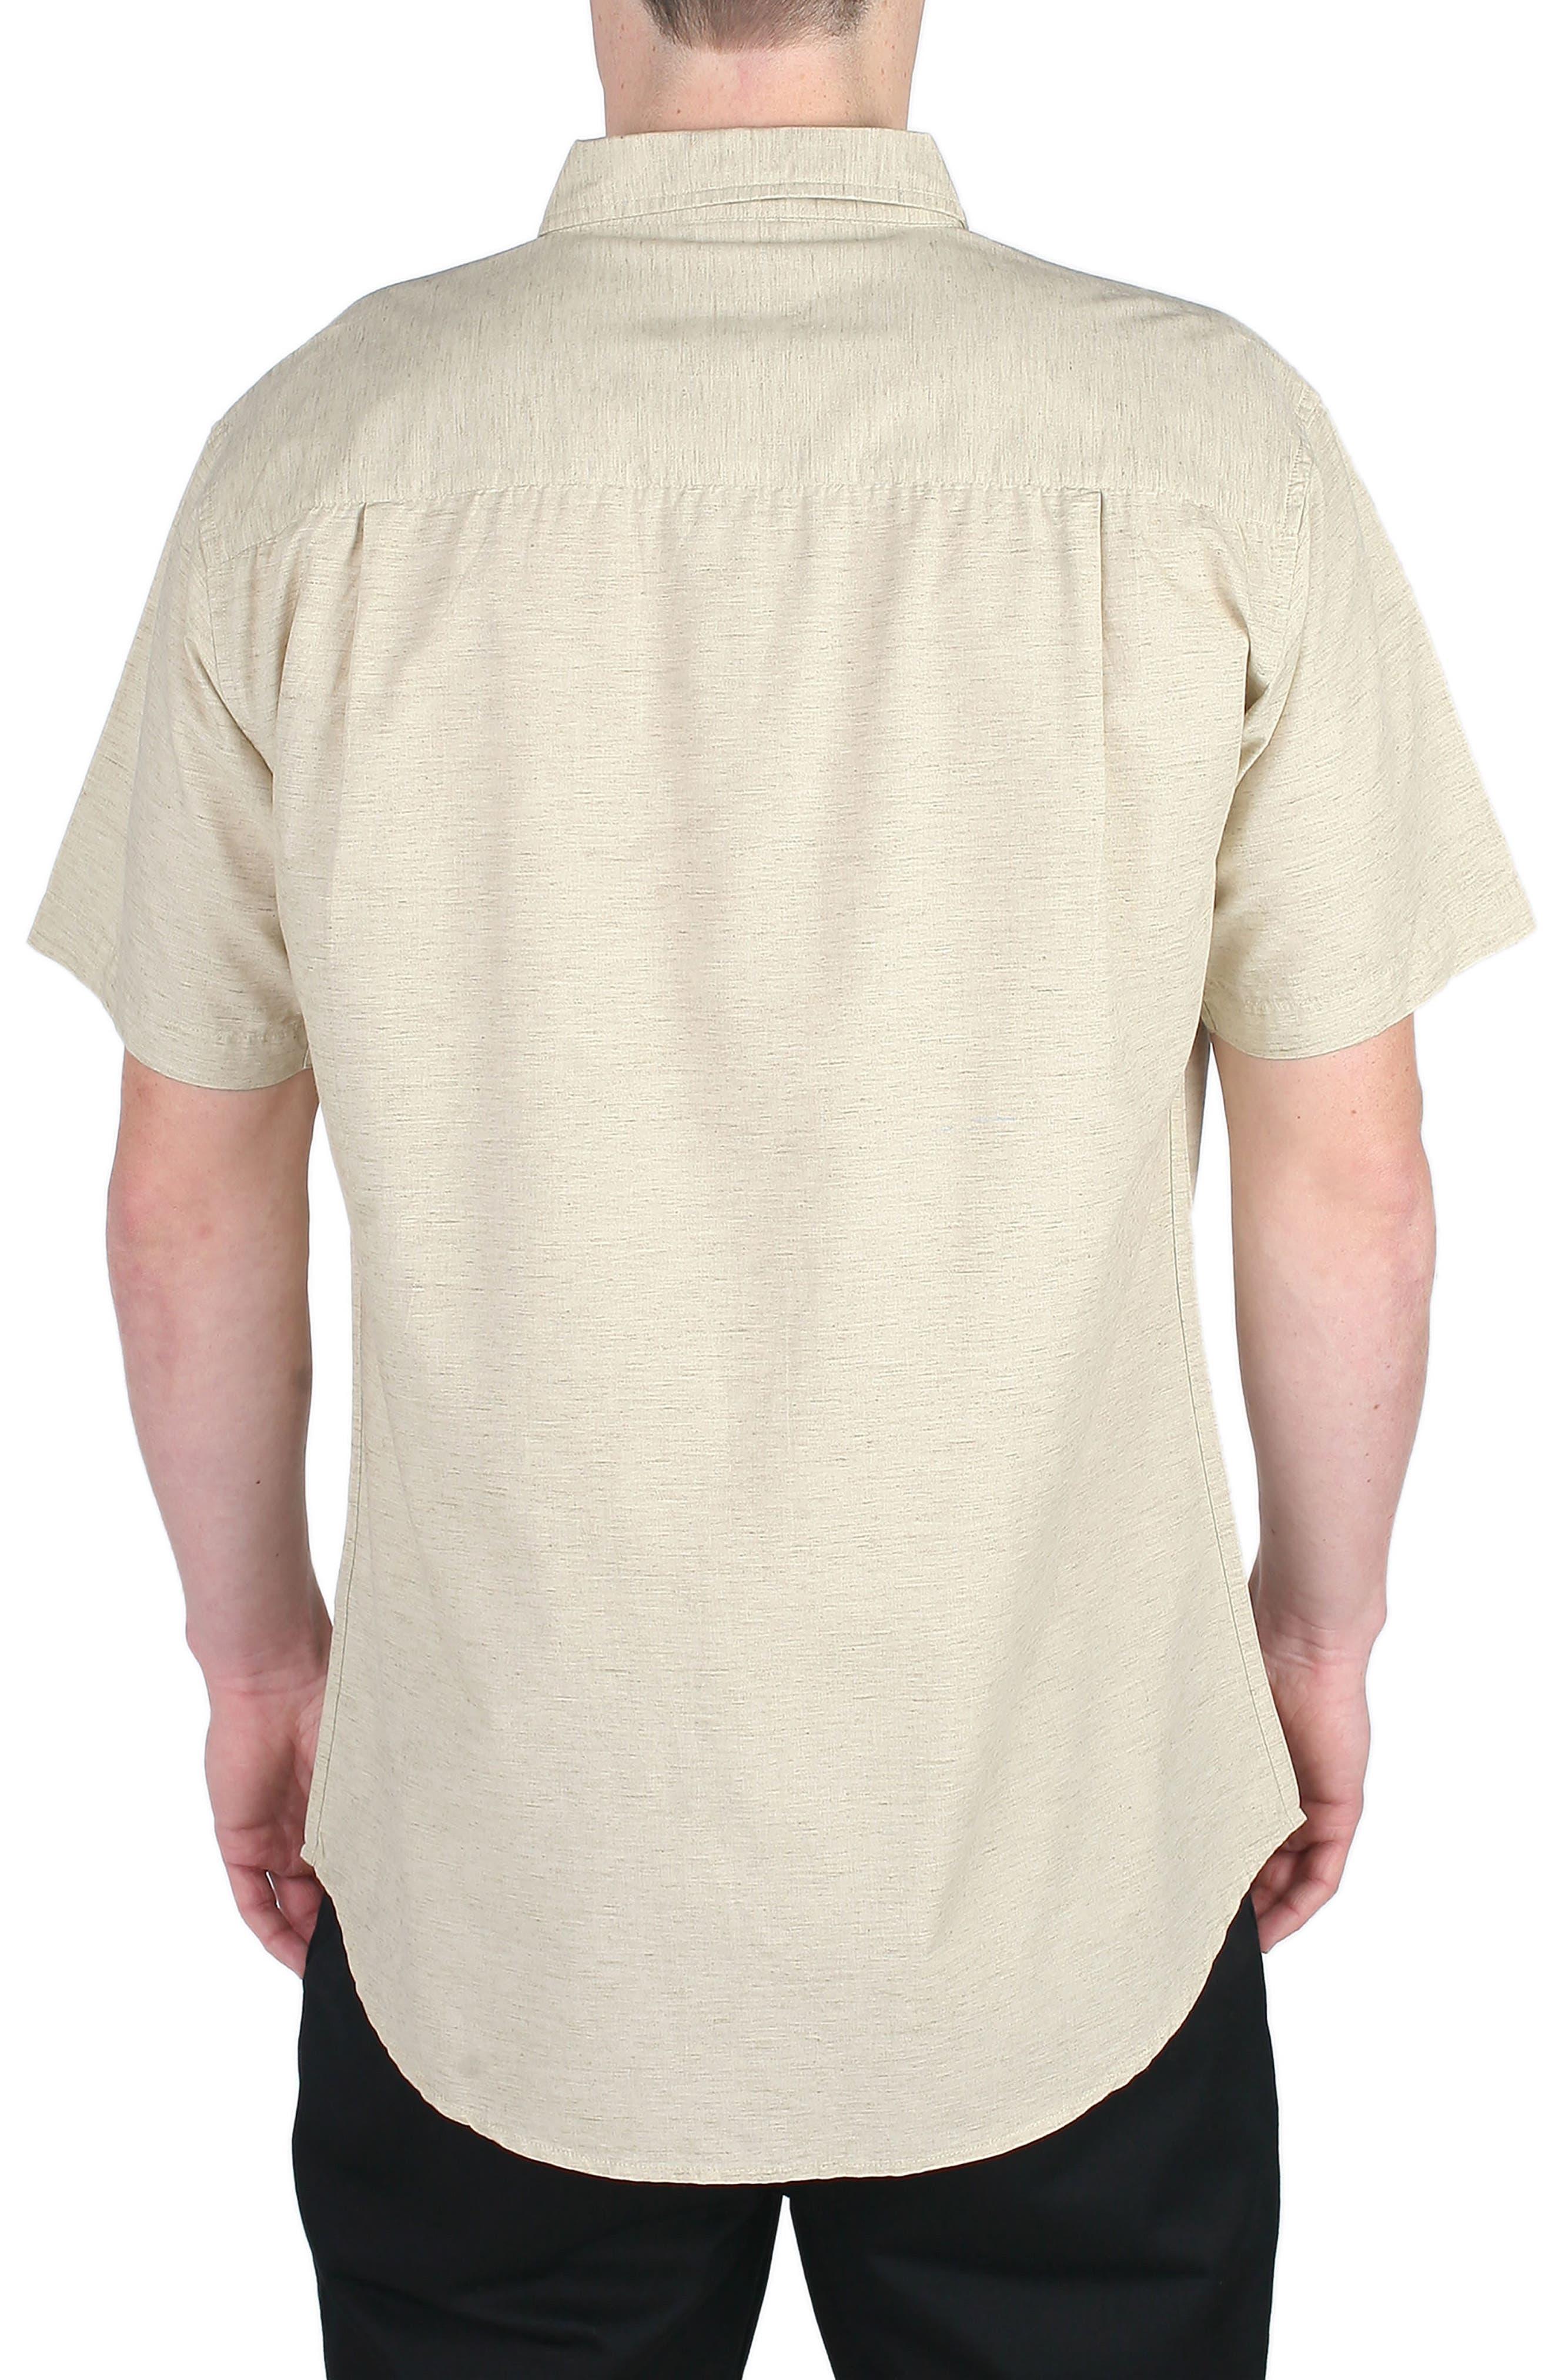 Triumph Woven Shirt,                             Alternate thumbnail 2, color,                             250